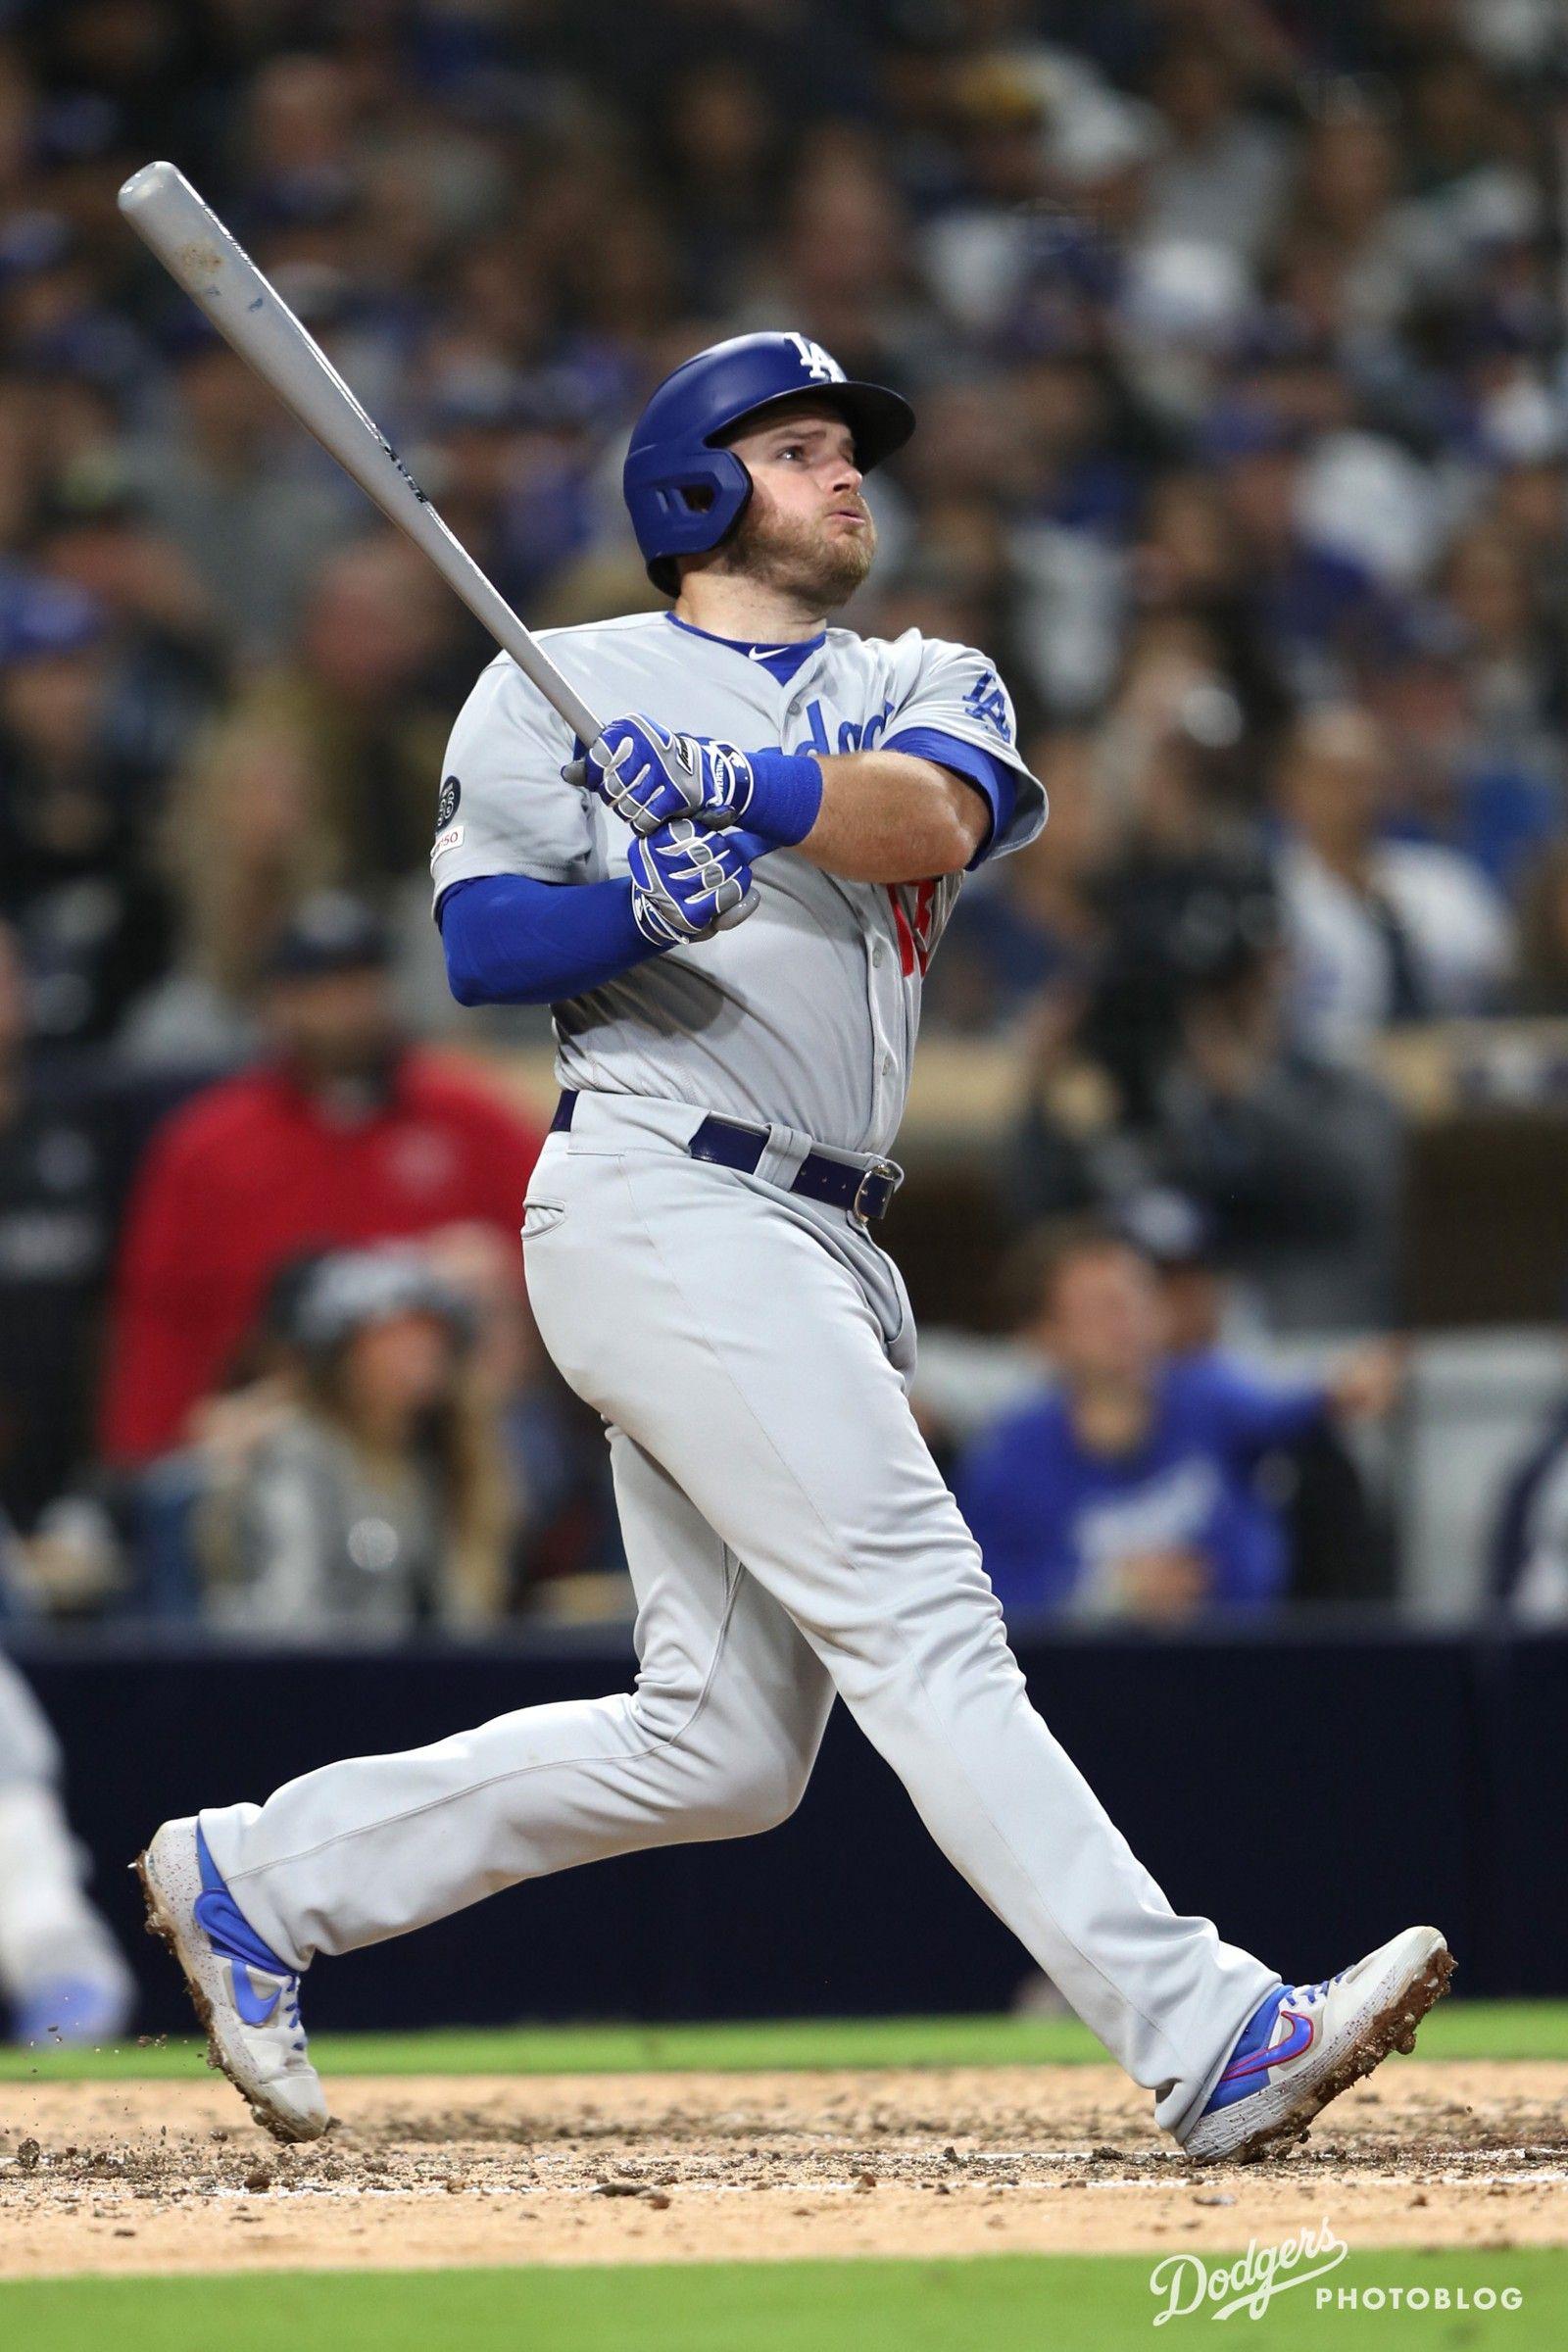 Photoblog 5 4 At Padres Dodgers Girl Dodgers Baseball La Dodgers